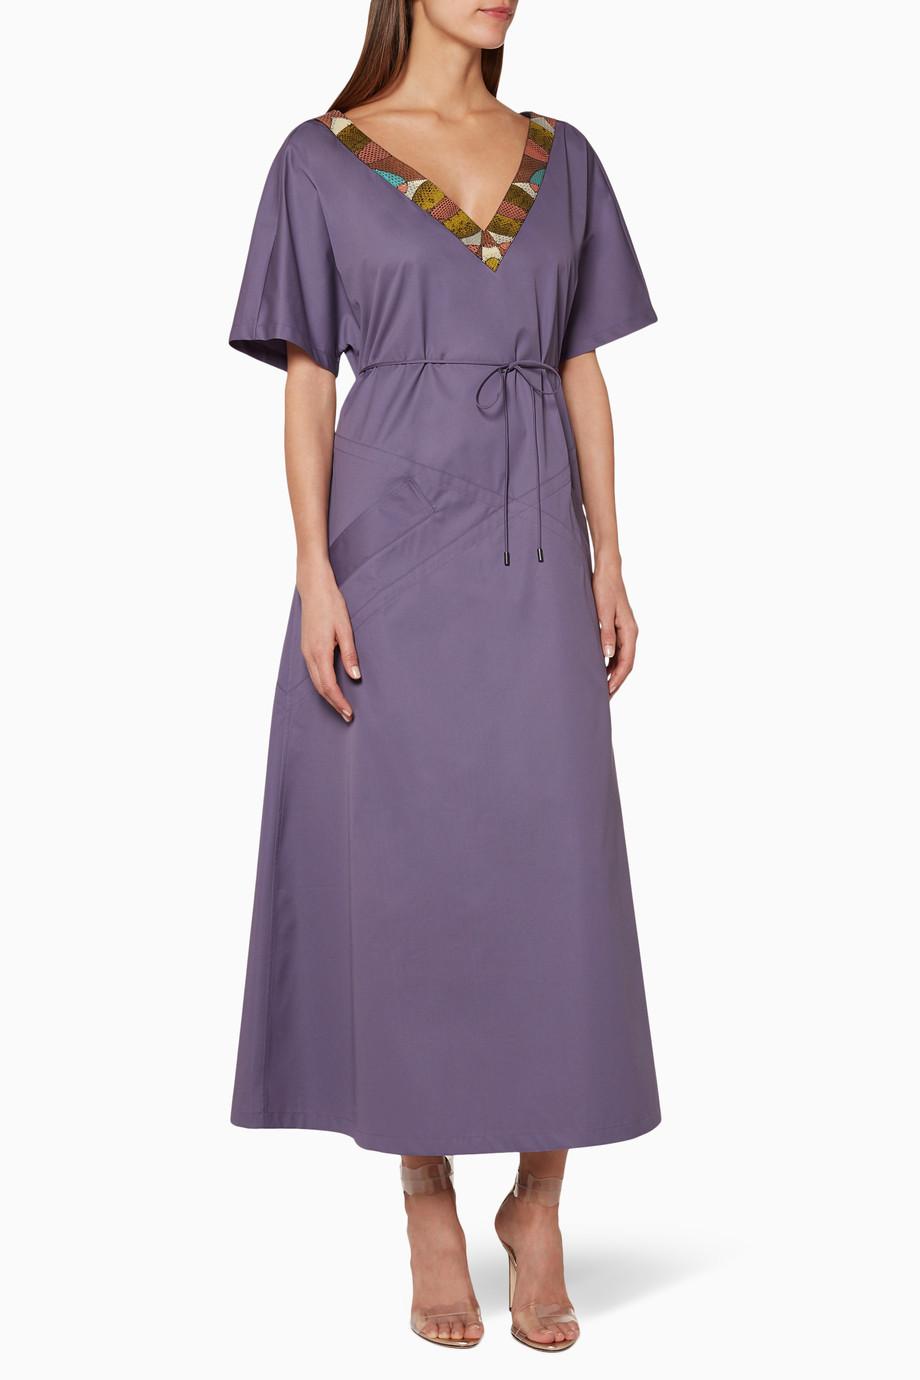 e1578236c5ddd Shop Bottega Veneta Purple Purple Embellished Midi Dress for Women ...